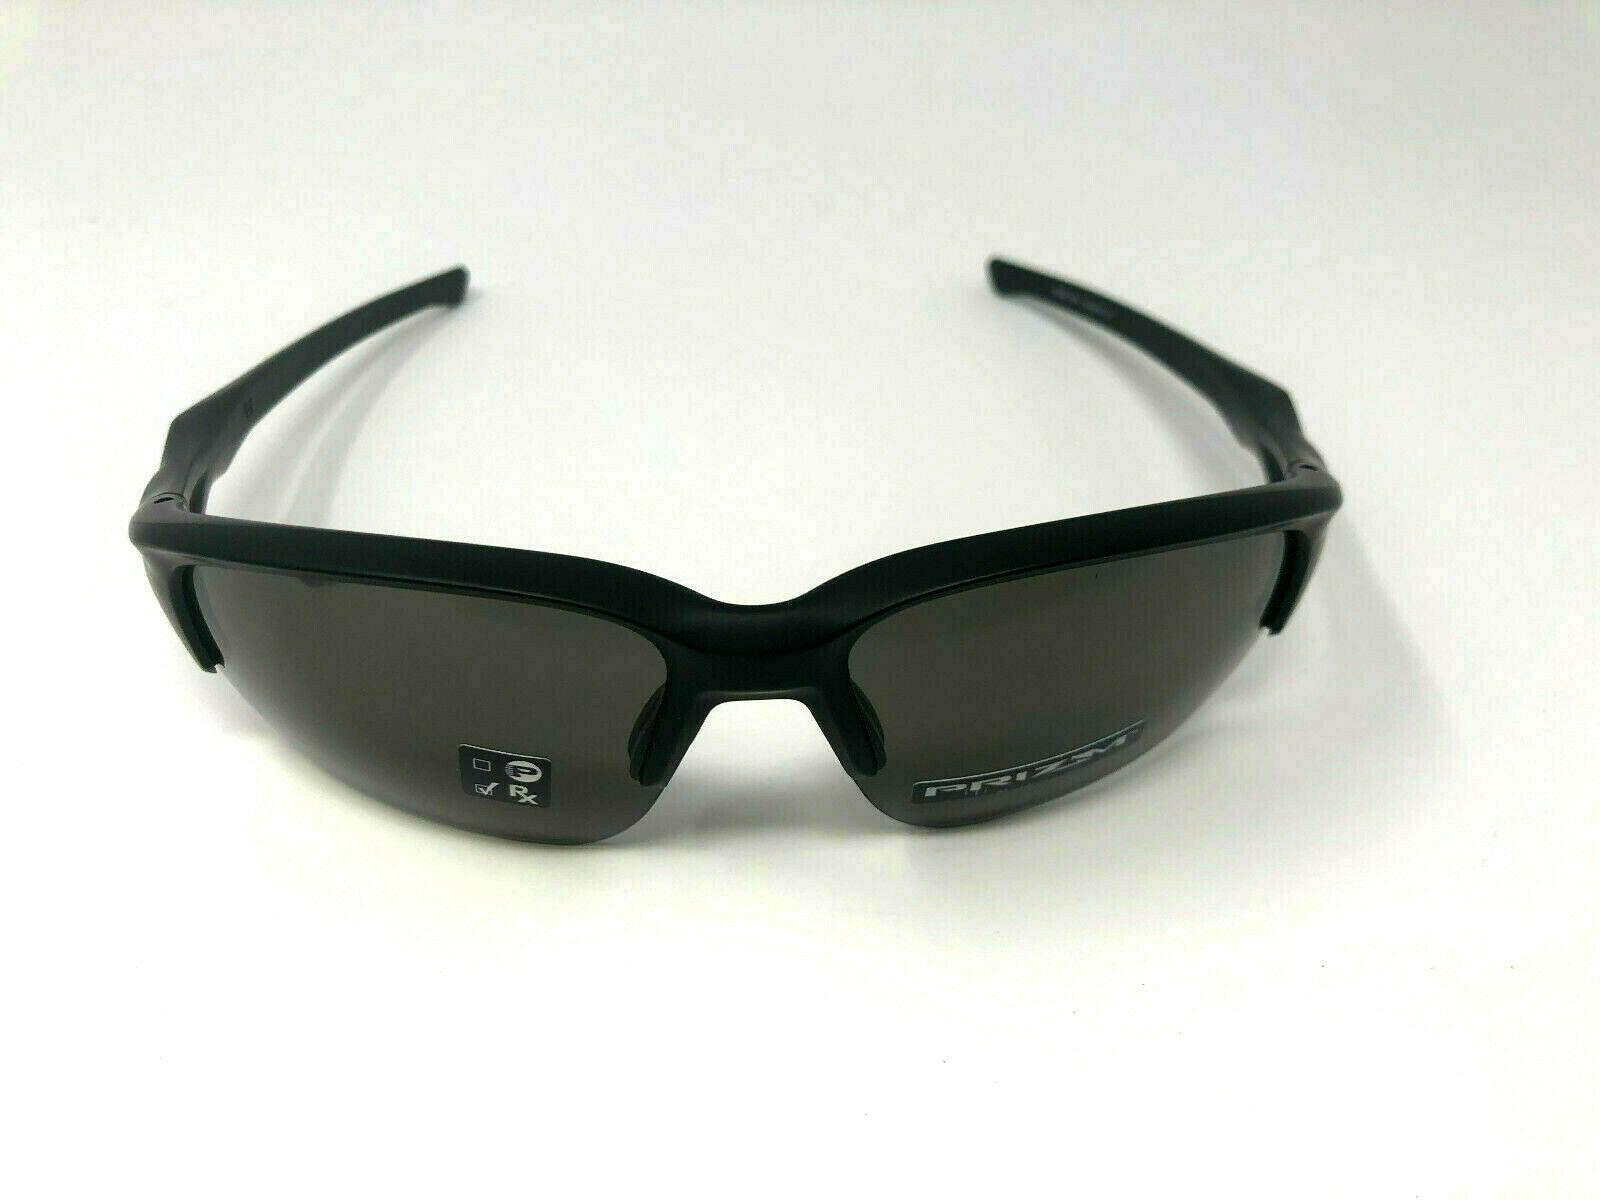 Nuovo Oakley Flak Beta Prisma Sunglasses Matte Black W/Grigio Prisma OO9363-1064